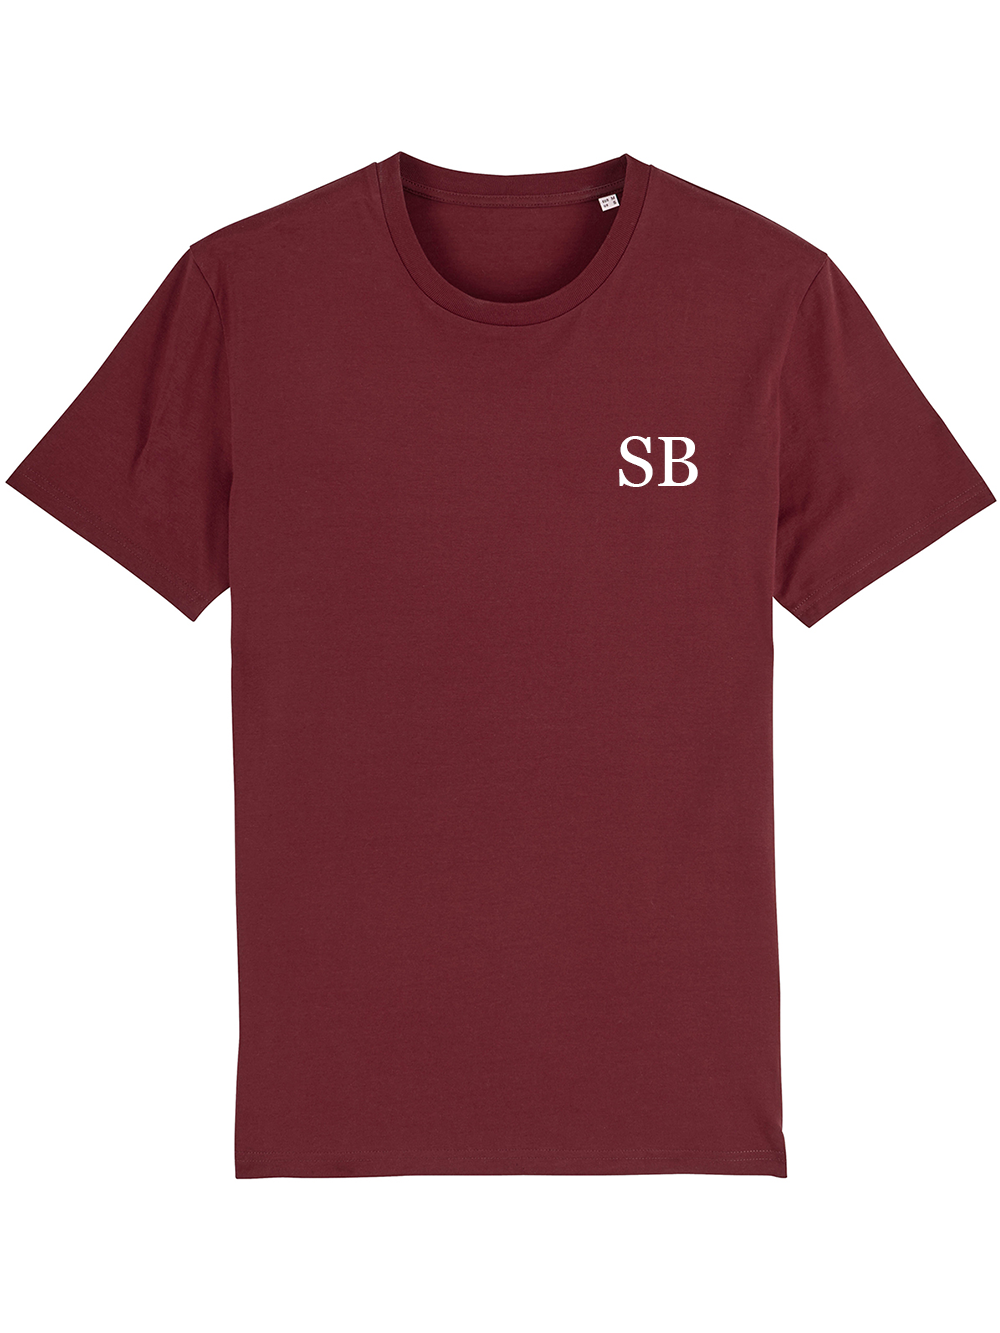 Mens Initial Tshirt – Burgundy